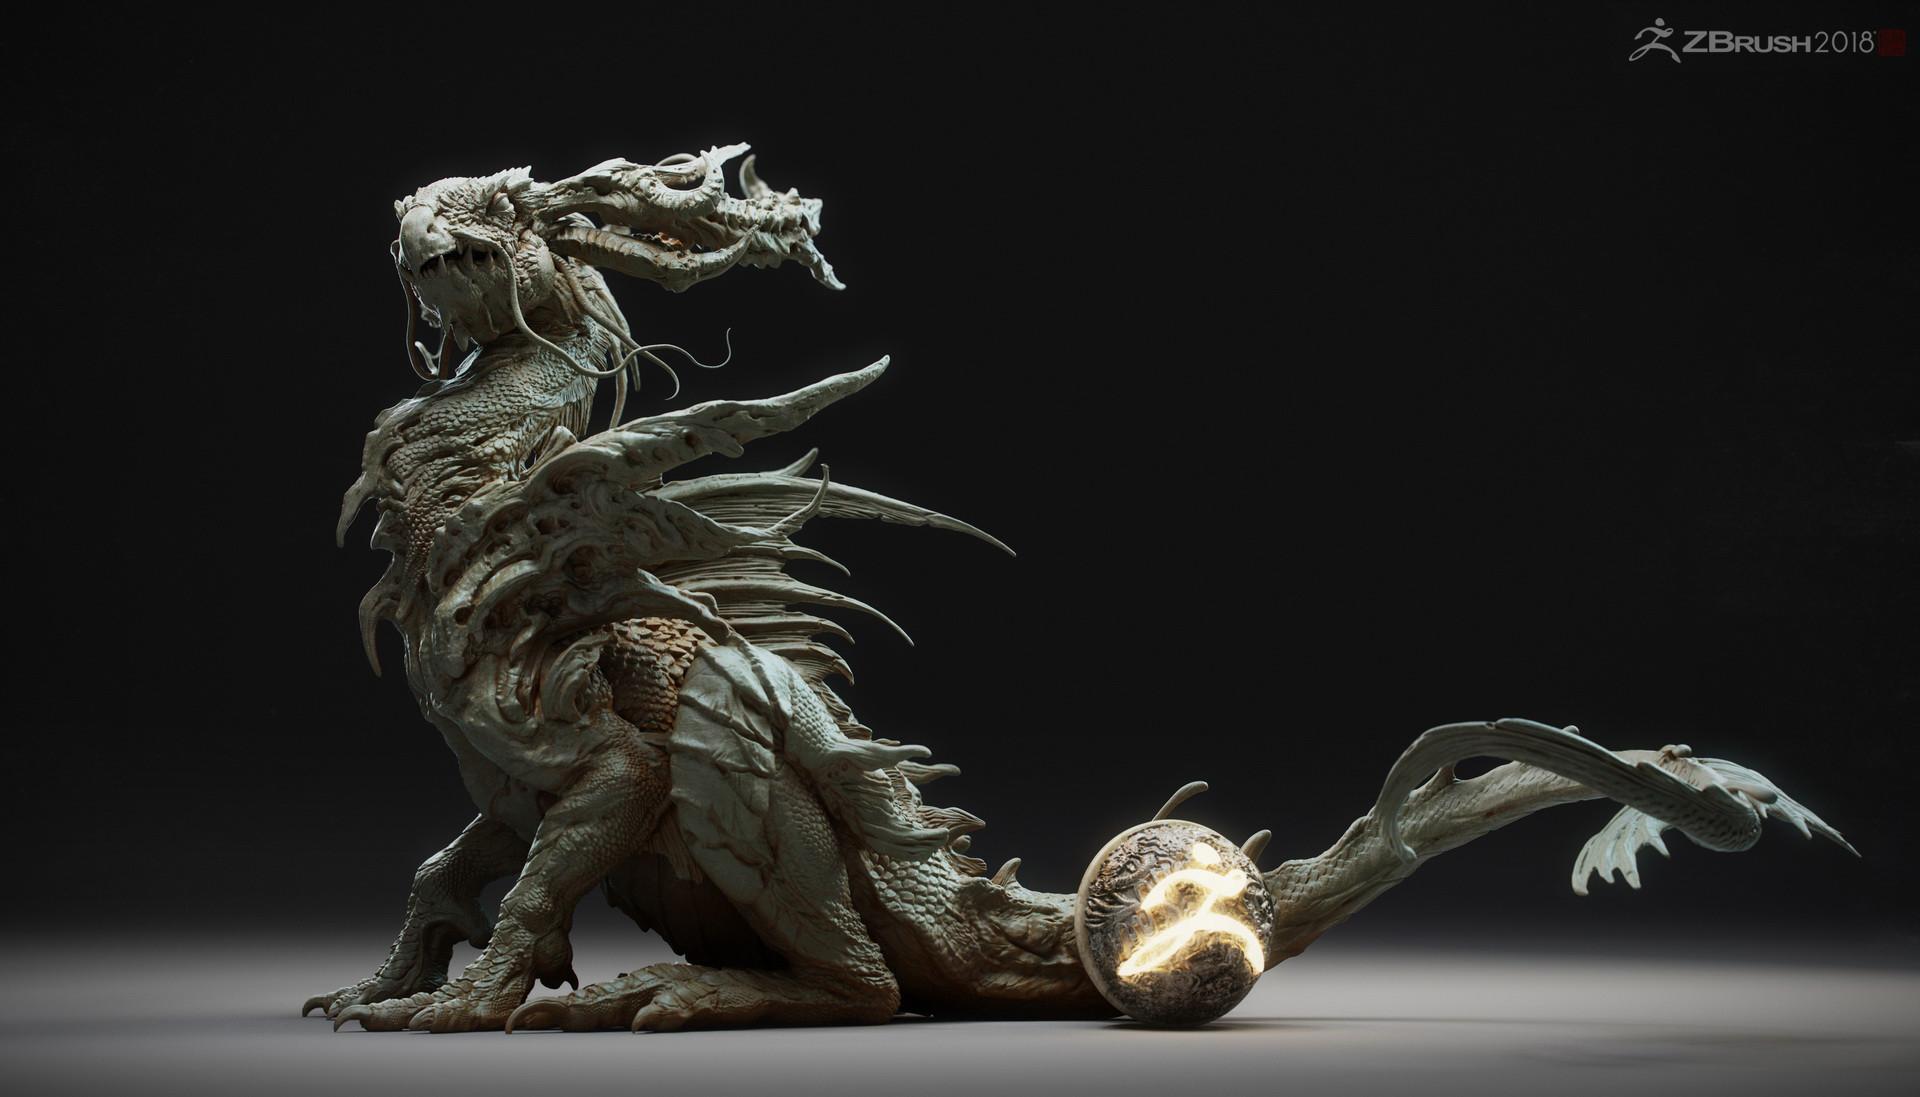 Zhelong xu zhelong xu dragonball02